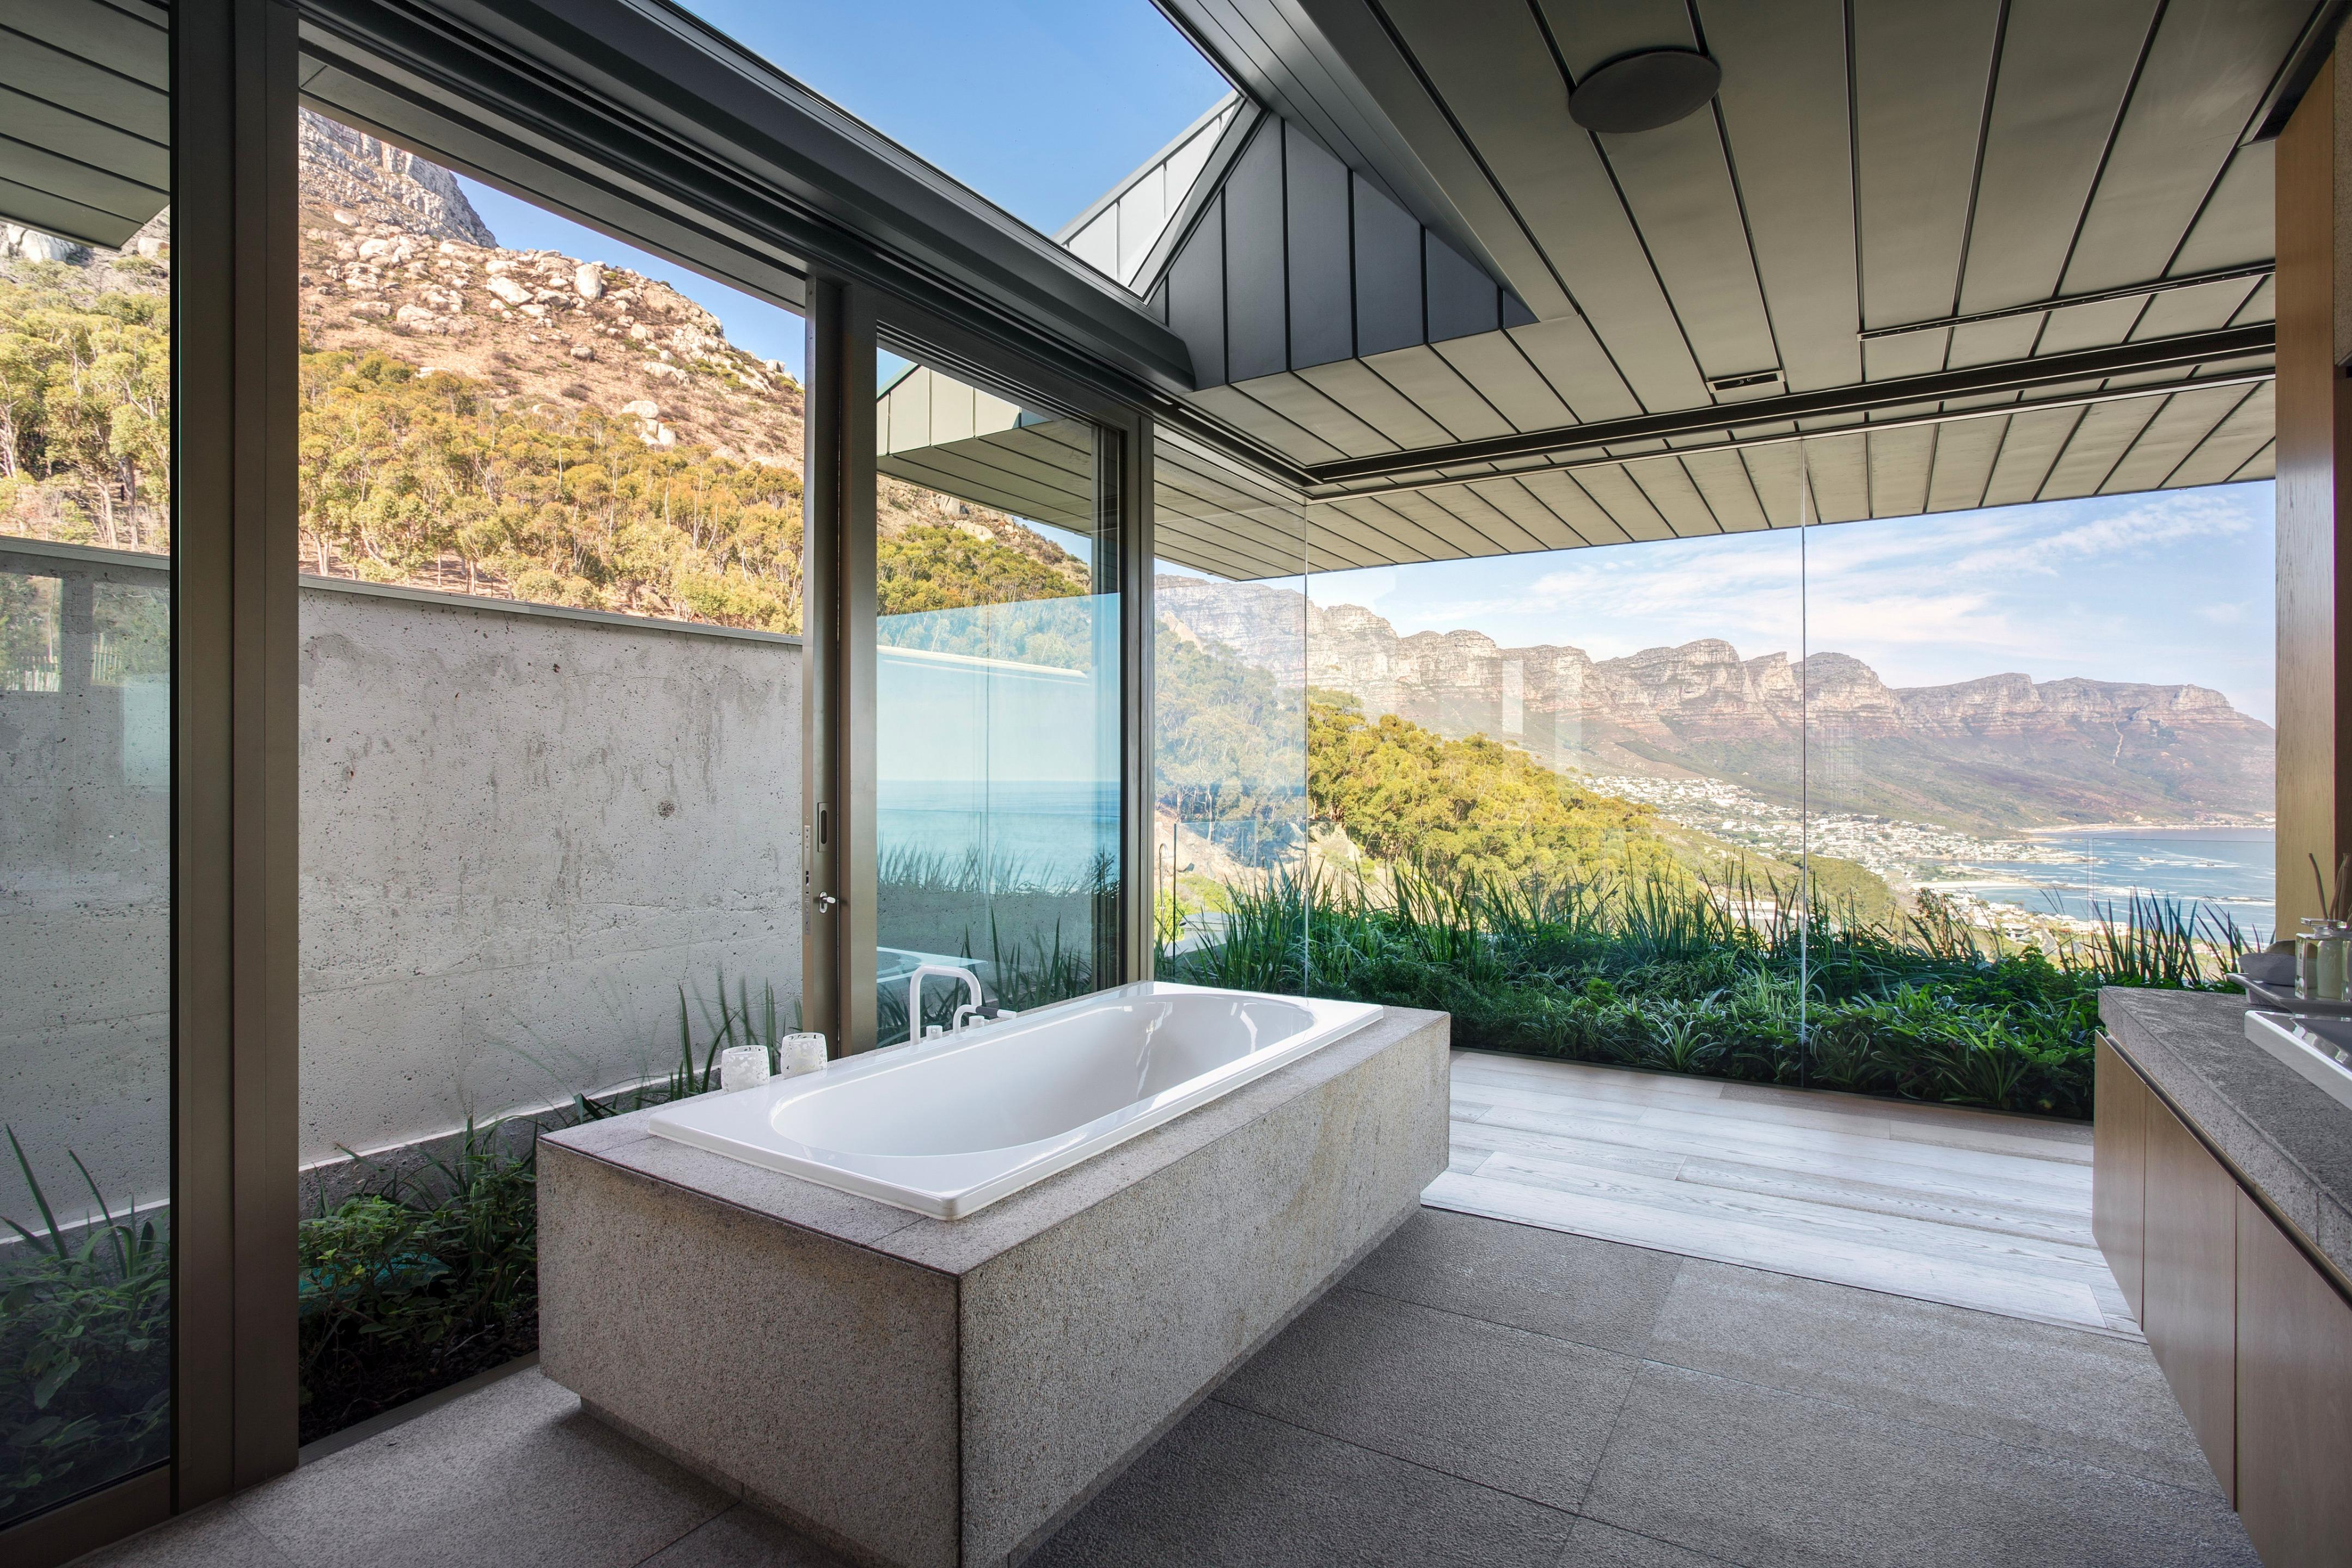 Luxurious contemporary residence designed by SAOTA and Studio Parkington